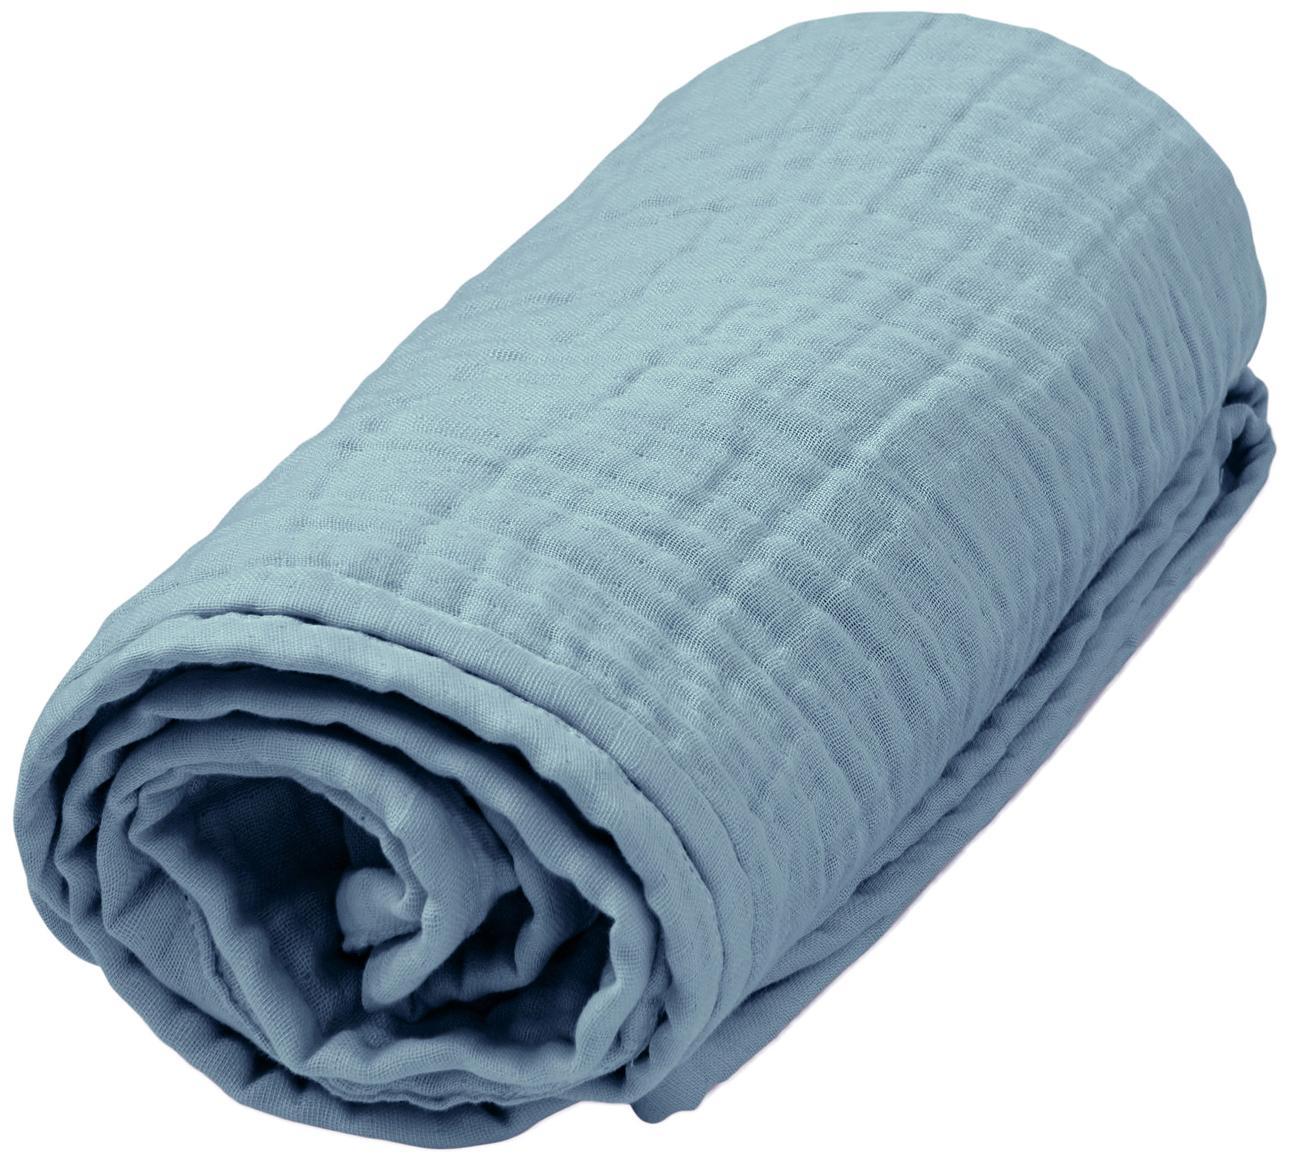 Pled muślinowy z bawełny organicznej Sensitive, Bawełna organiczna, certyfikat GOTS, Niebieski, S 100 x D 100 cm